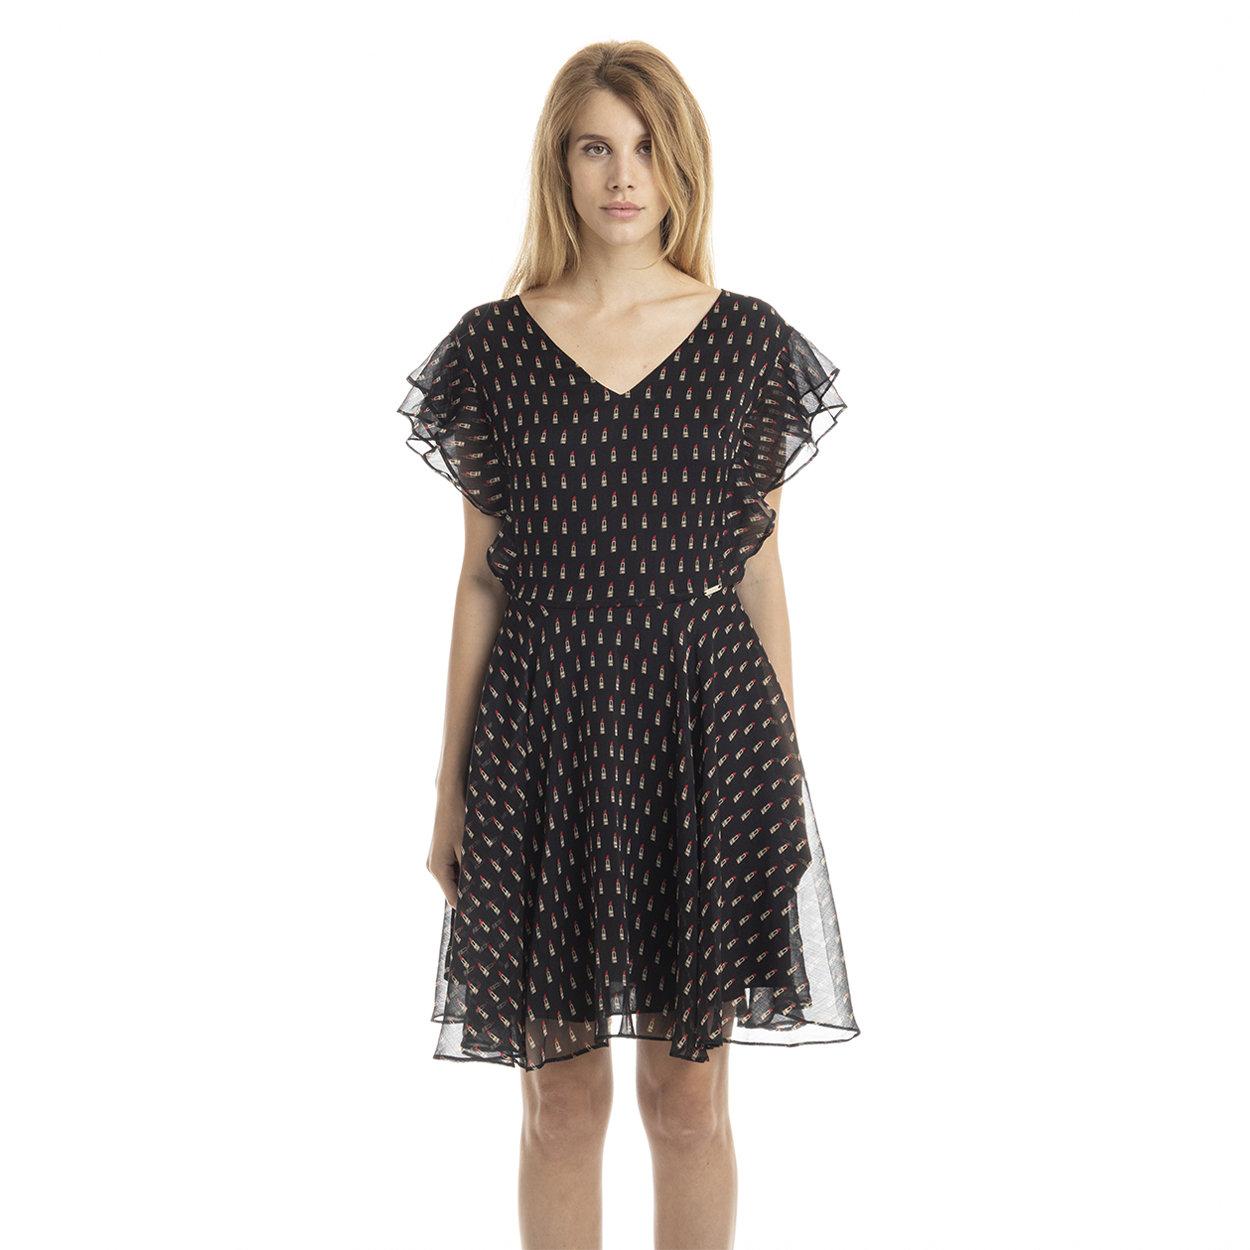 Guess Abbigliamento, vestiti e accessori di moda in Umbria